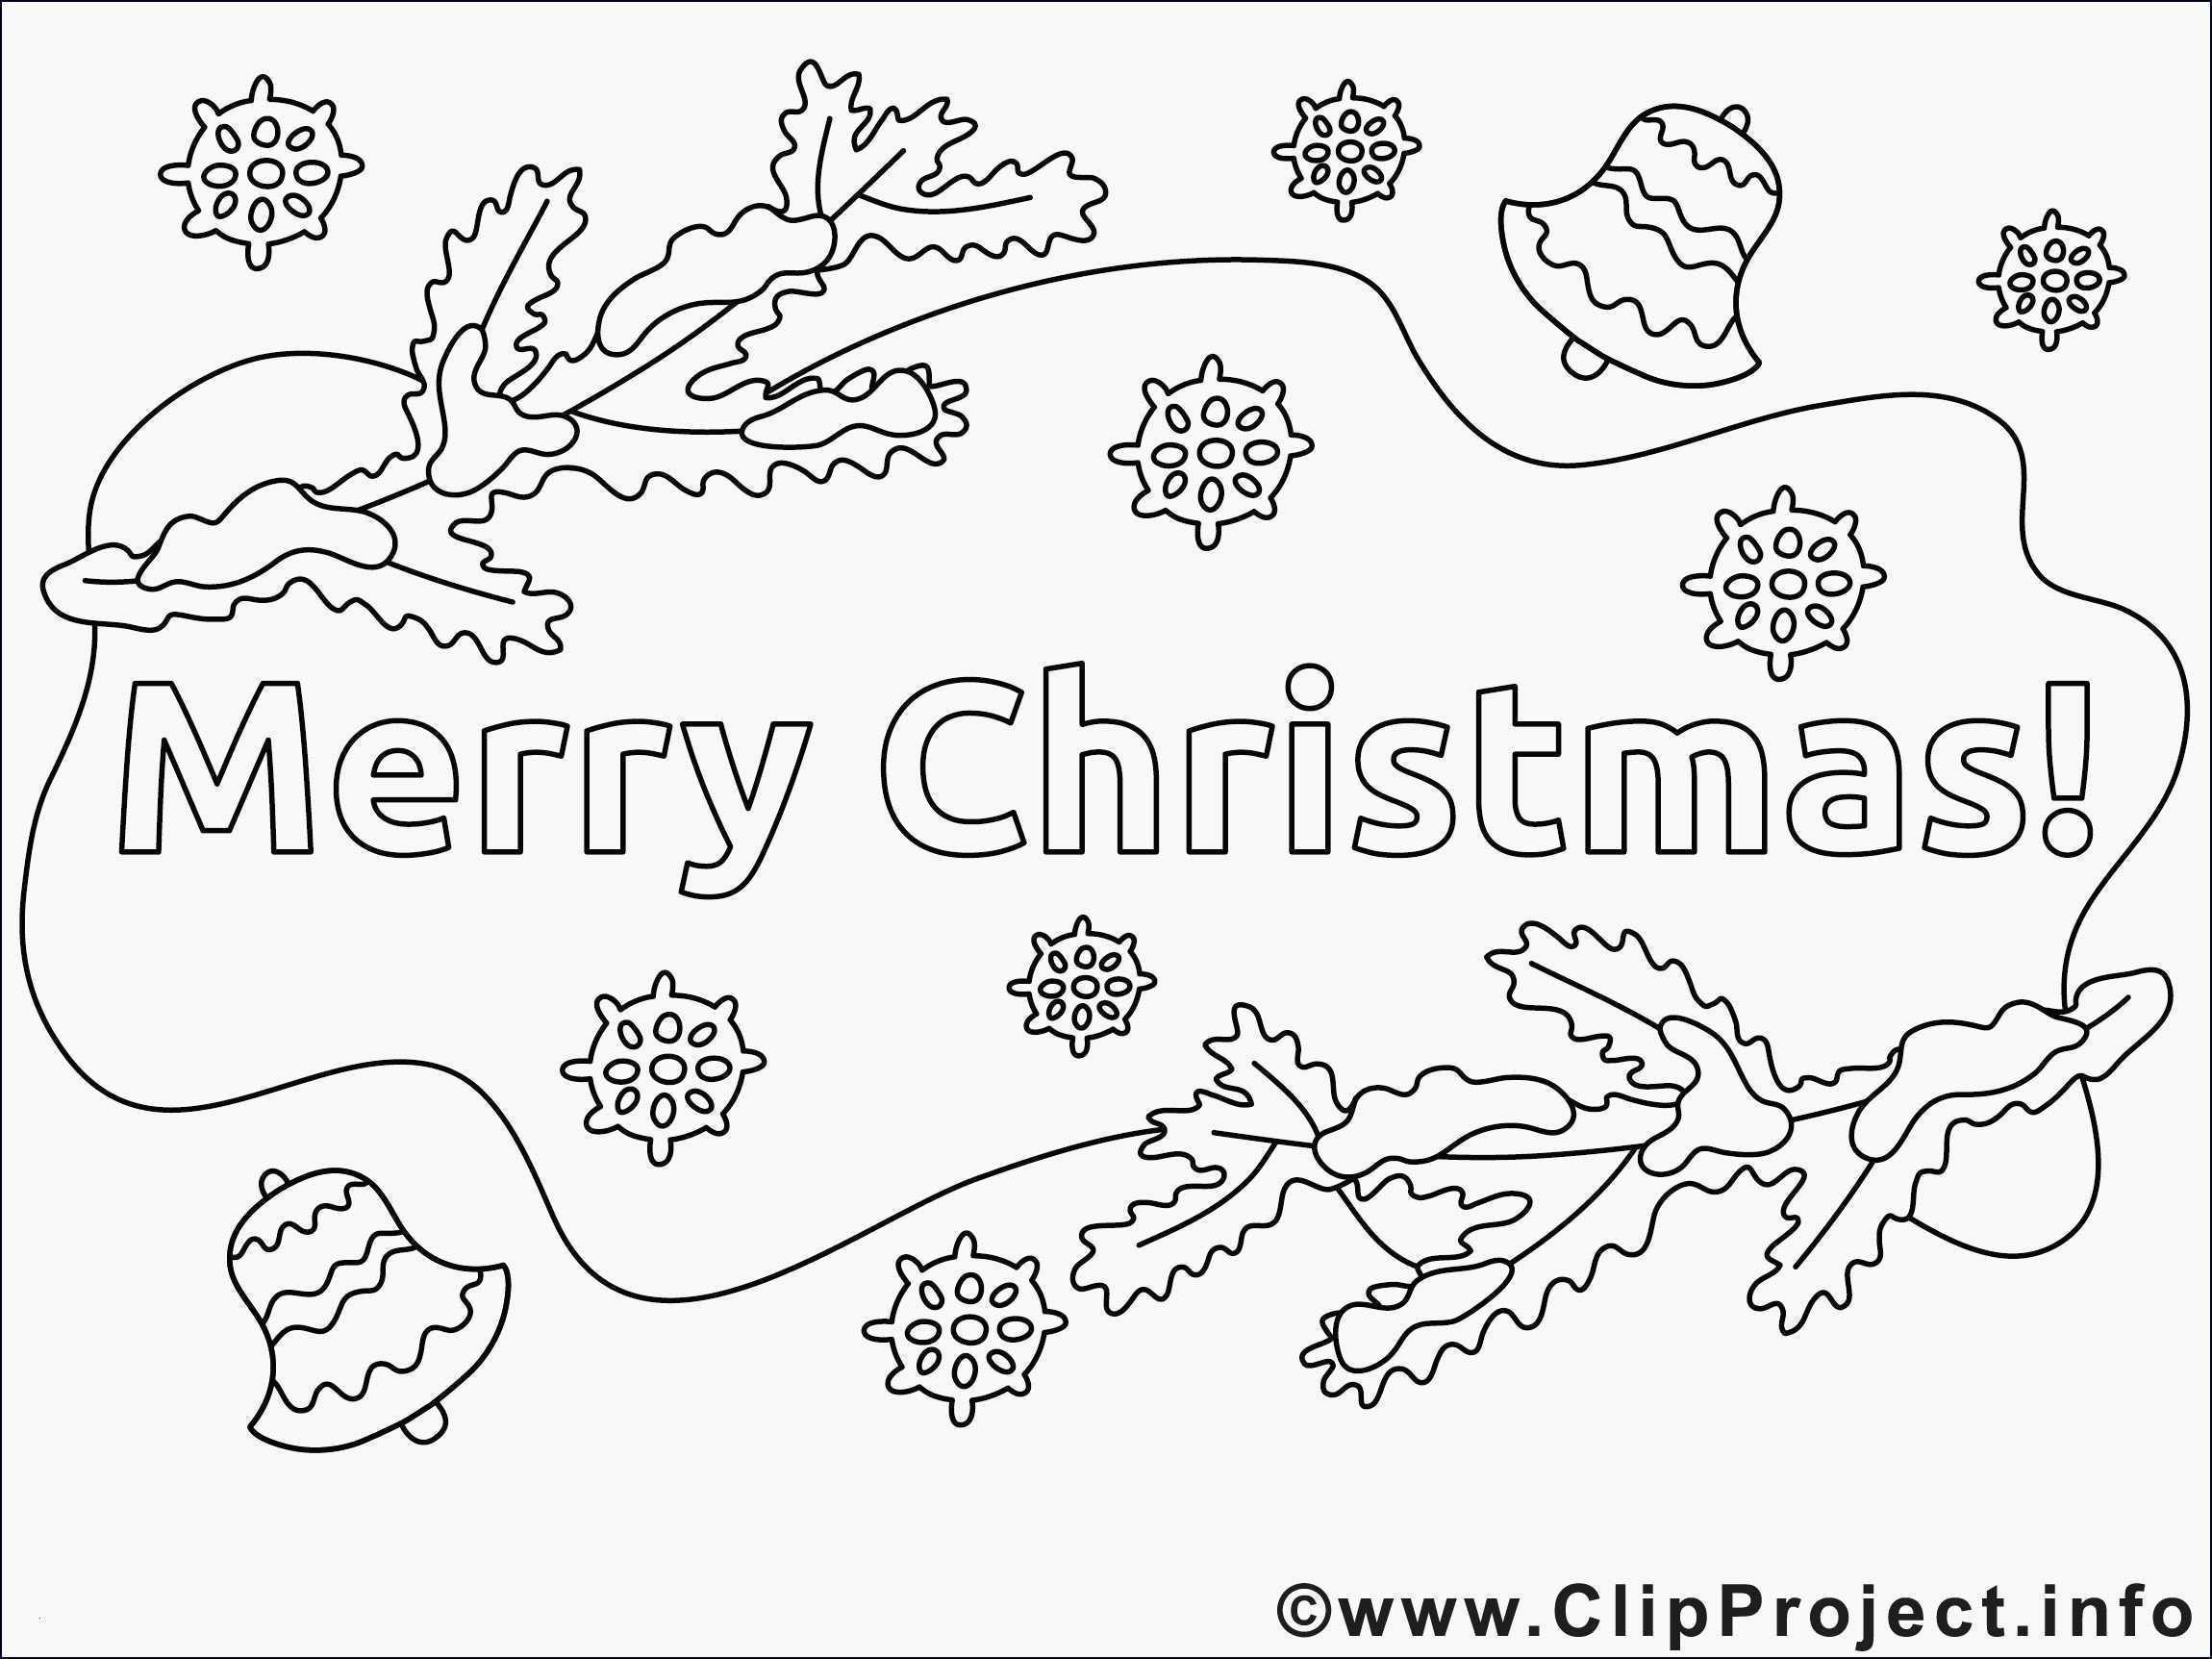 Malvorlagen Weihnachten Window Color Neu √ Window Color Vorlagen Weihnachten Schneeflocke Vorstellung Bilder